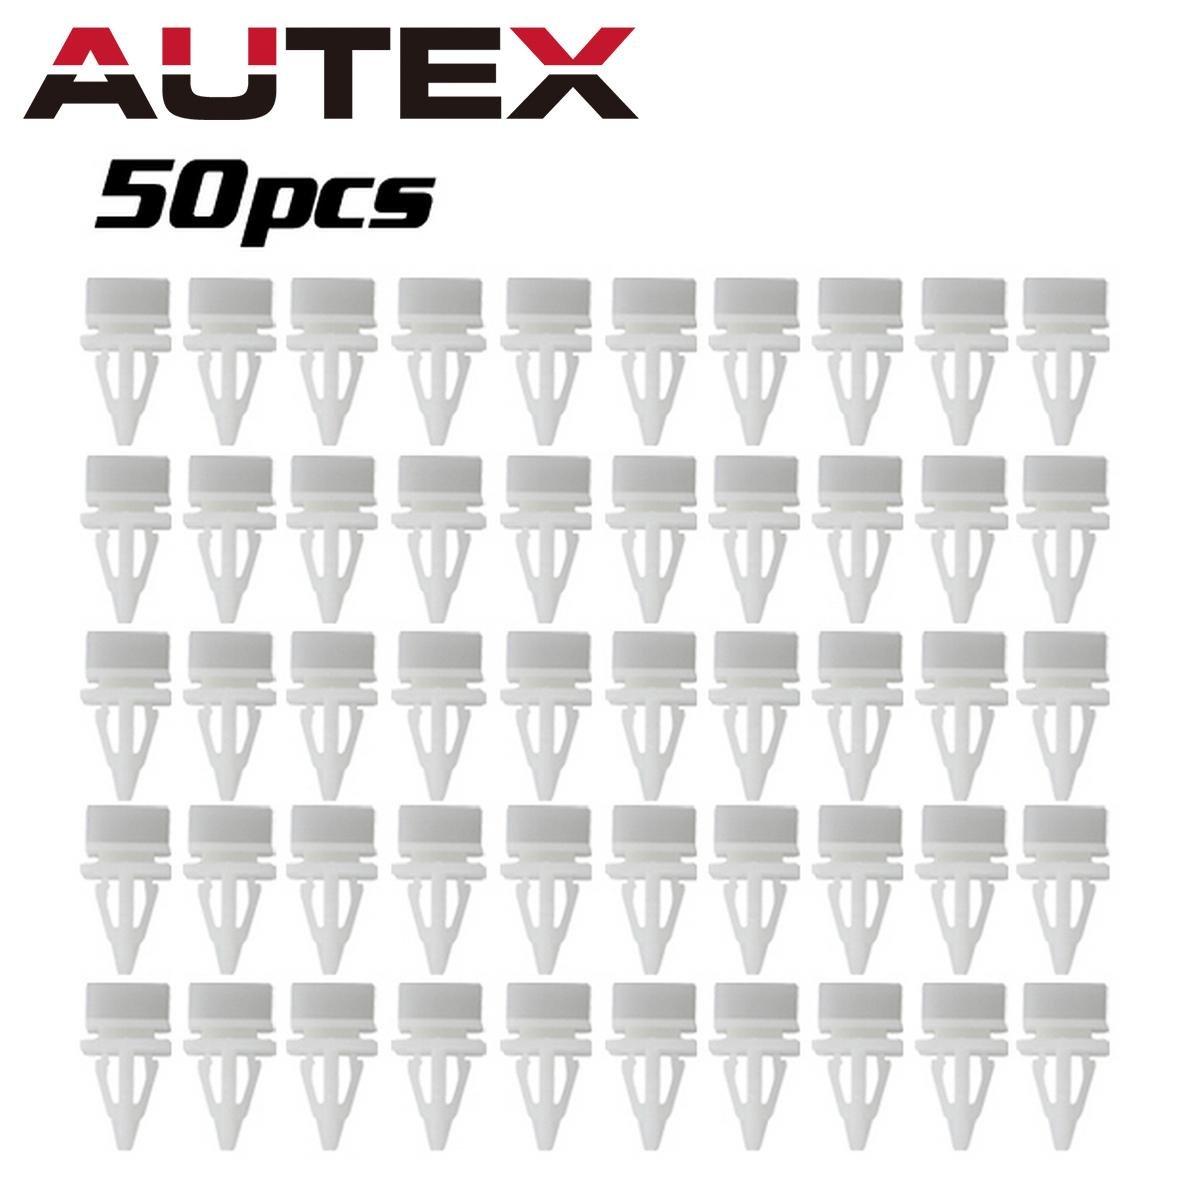 PartsSquare 50pcs Fender Liner Fastener Rivet Push Clips Retainer Fastener for Acura Honda